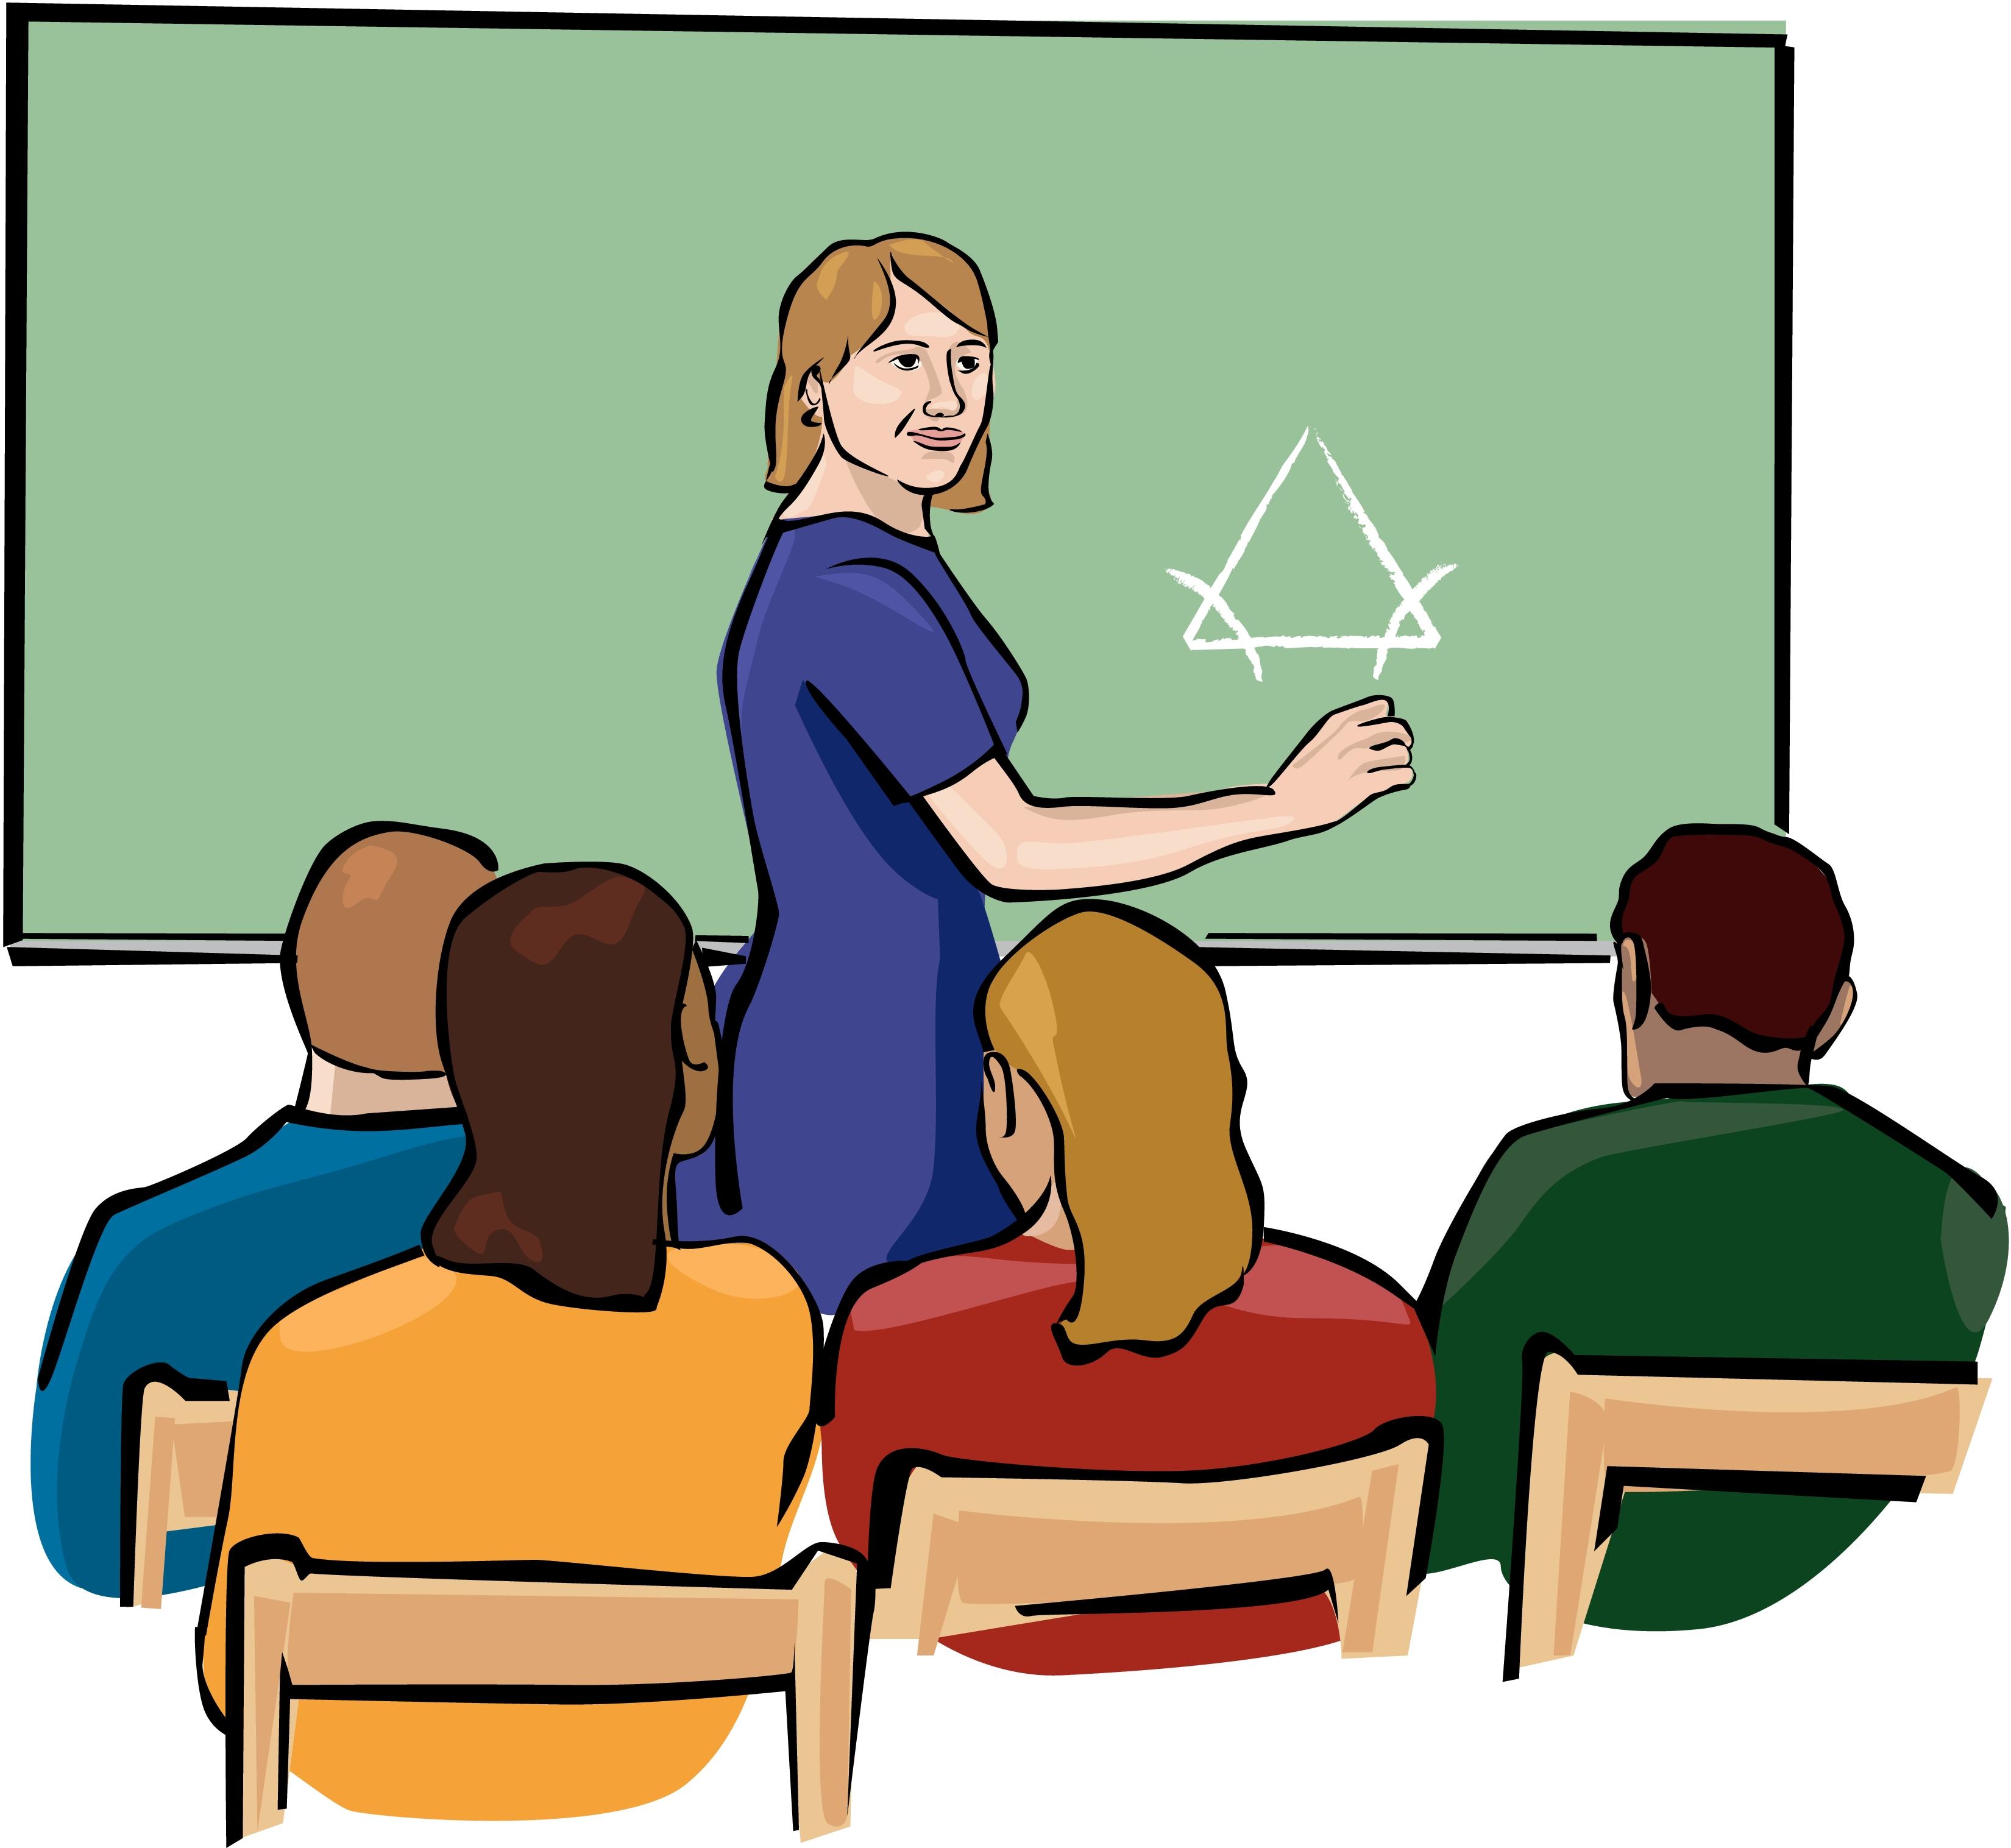 Images clipart clipartfest teachingclipart. Clip art of teachers